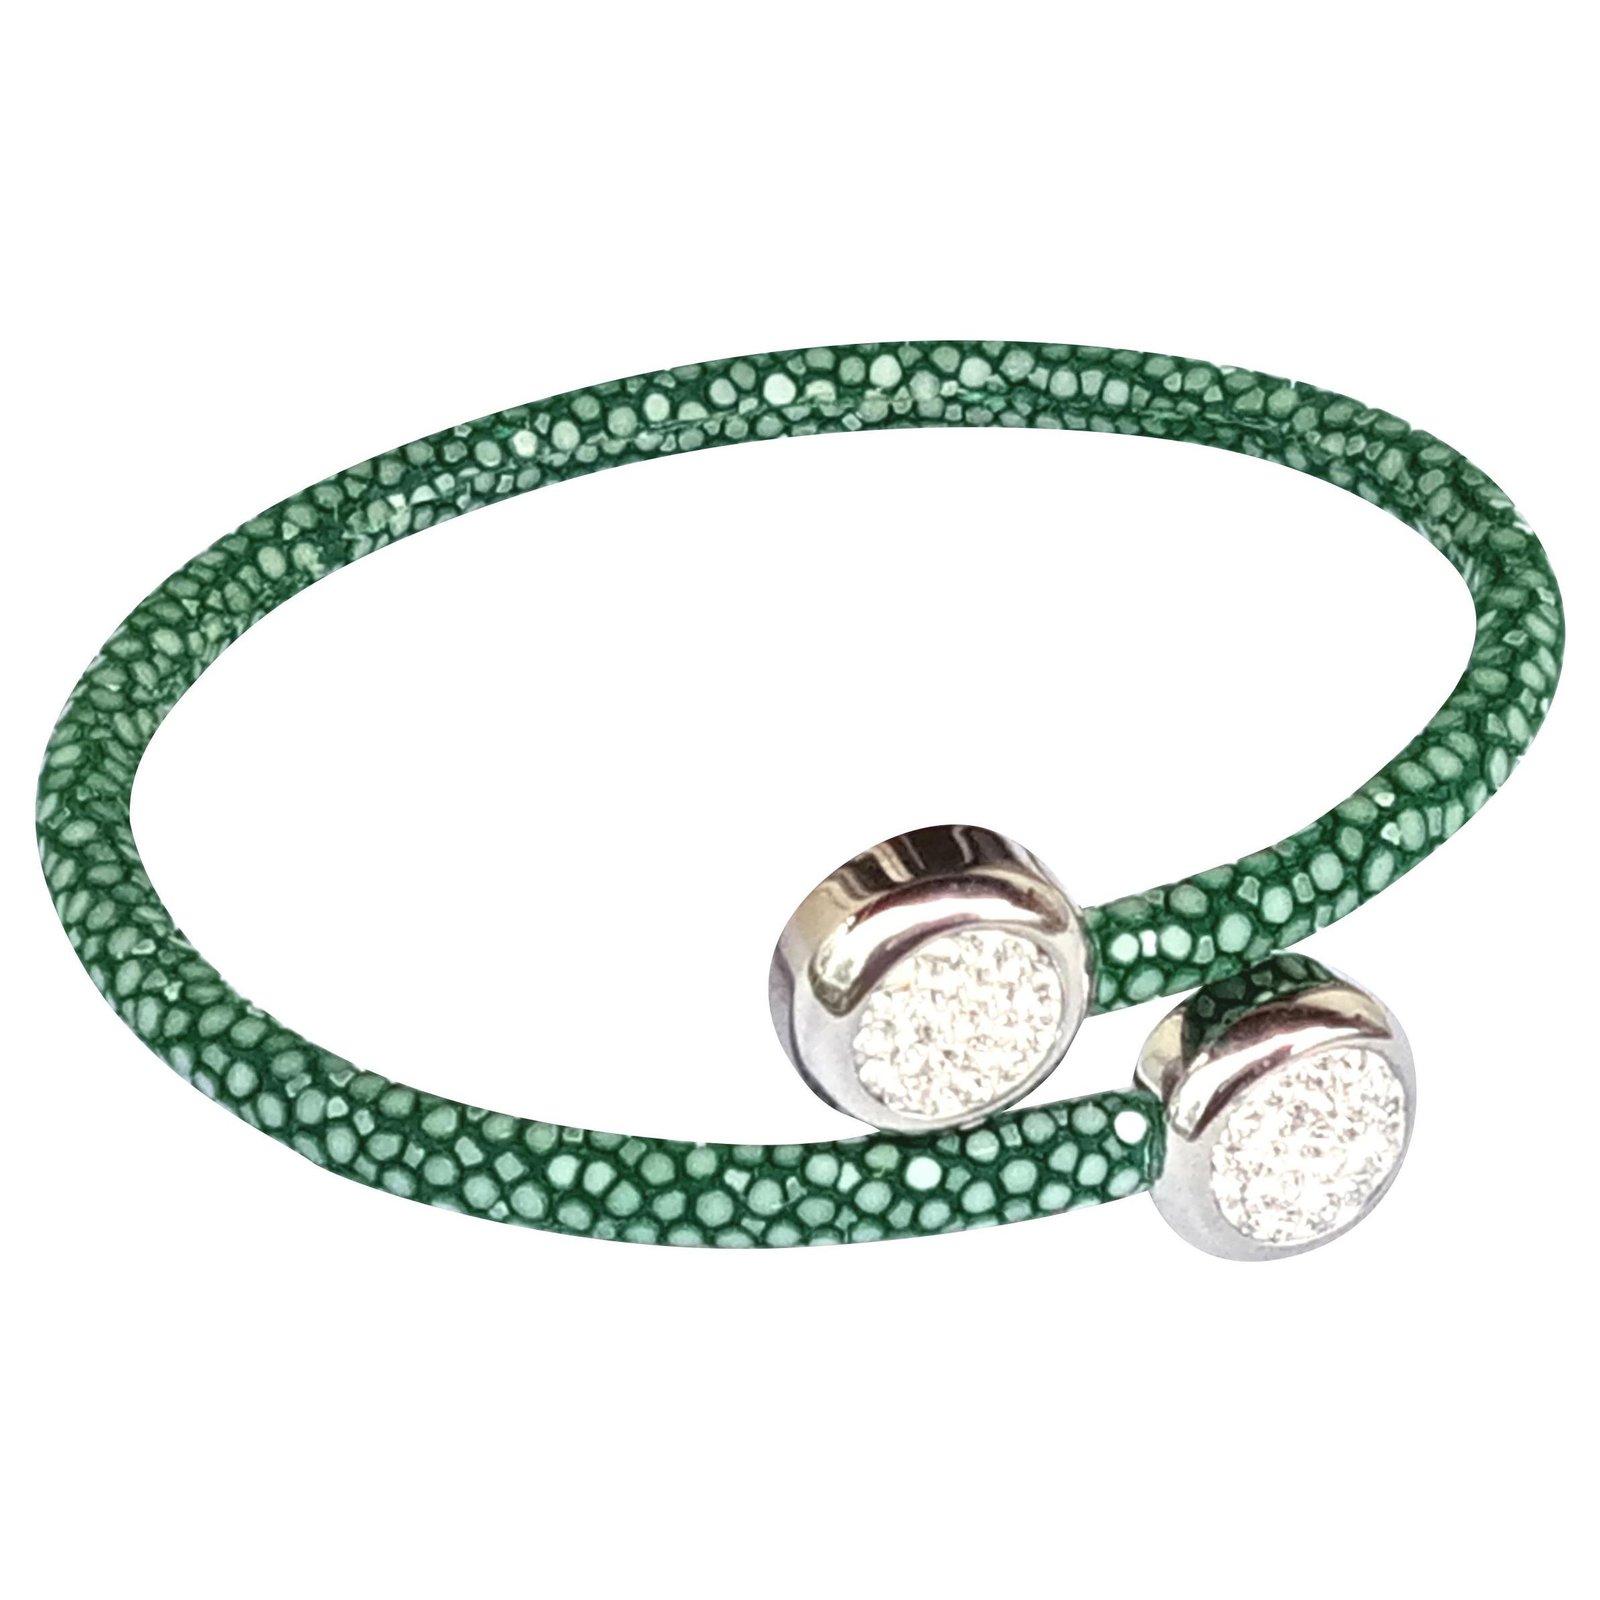 Bracelet In Jade Green Stingray Leather